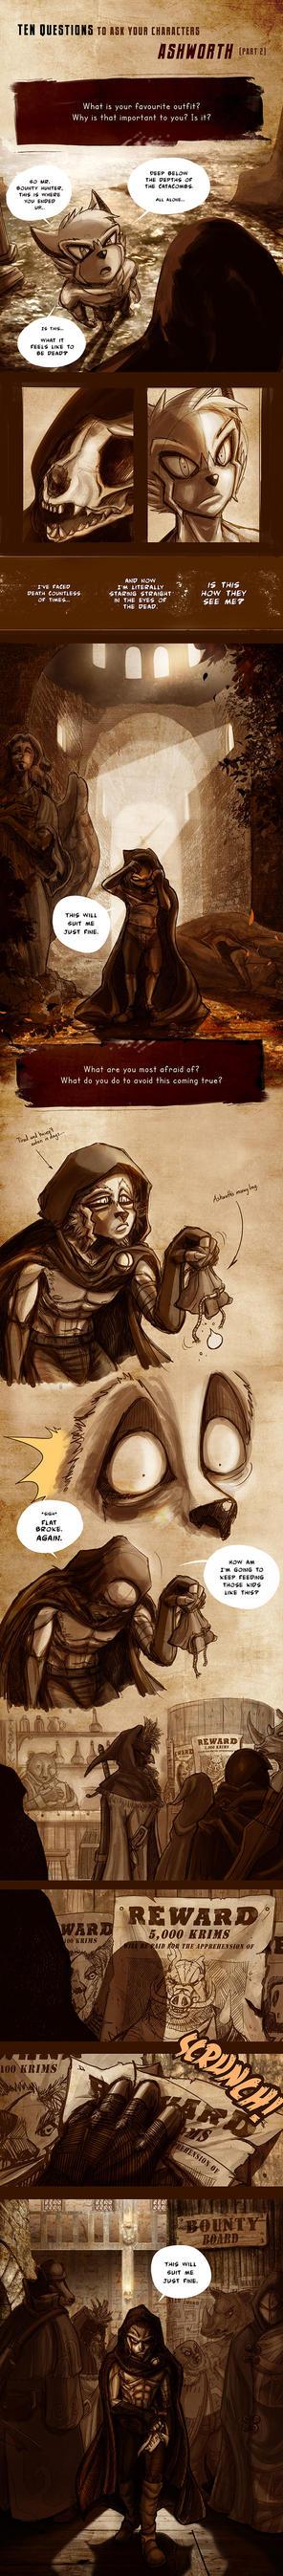 Ashworth [character development pt.2] by darkspeeds